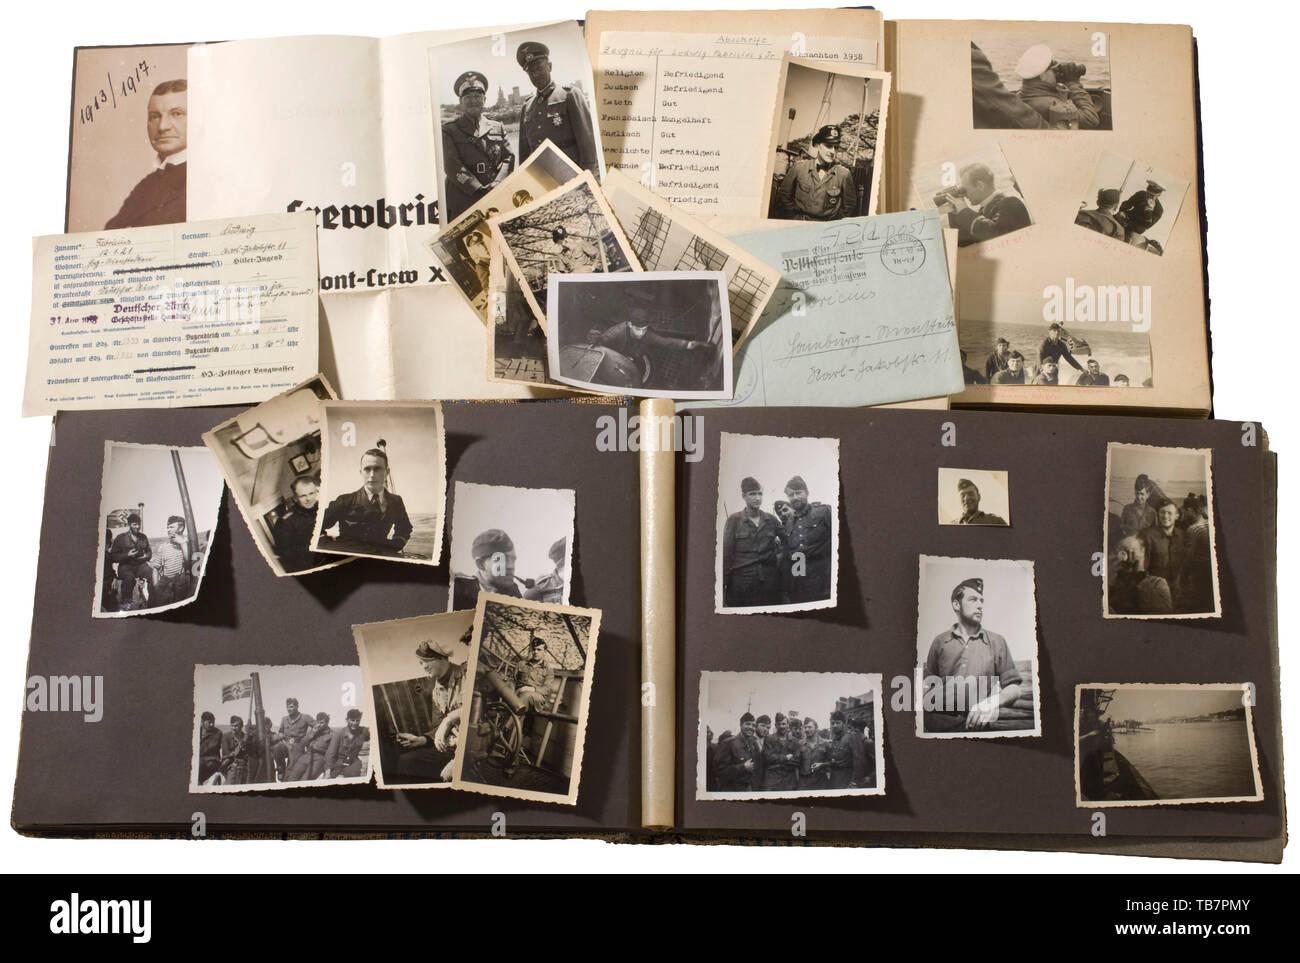 Un grand domaine photographique de Ludwig Fabricius (1921 - 2002) - commandant de l'U 821, une succession de la plus jeune commandant de sous-marin dans la marine allemande. La carrière de cet officier de marine est représenté dans de nombreux albums de photos ainsi que des images: photos de formation, de nombreuses images sous-marines, vues de la tourelle, photos de bateaux intérieurs et les portraits. De plus, sur le terrain des lettres, cartes postales, papiers d'identité et autres documents. À partir de sa famille vient d'autres album photo et photos en vrac de la marine impériale (père) et de la Luftwaffe pendant la Seconde Guerre mondiale. Très interes, Editorial-Use-seulement Photo Stock